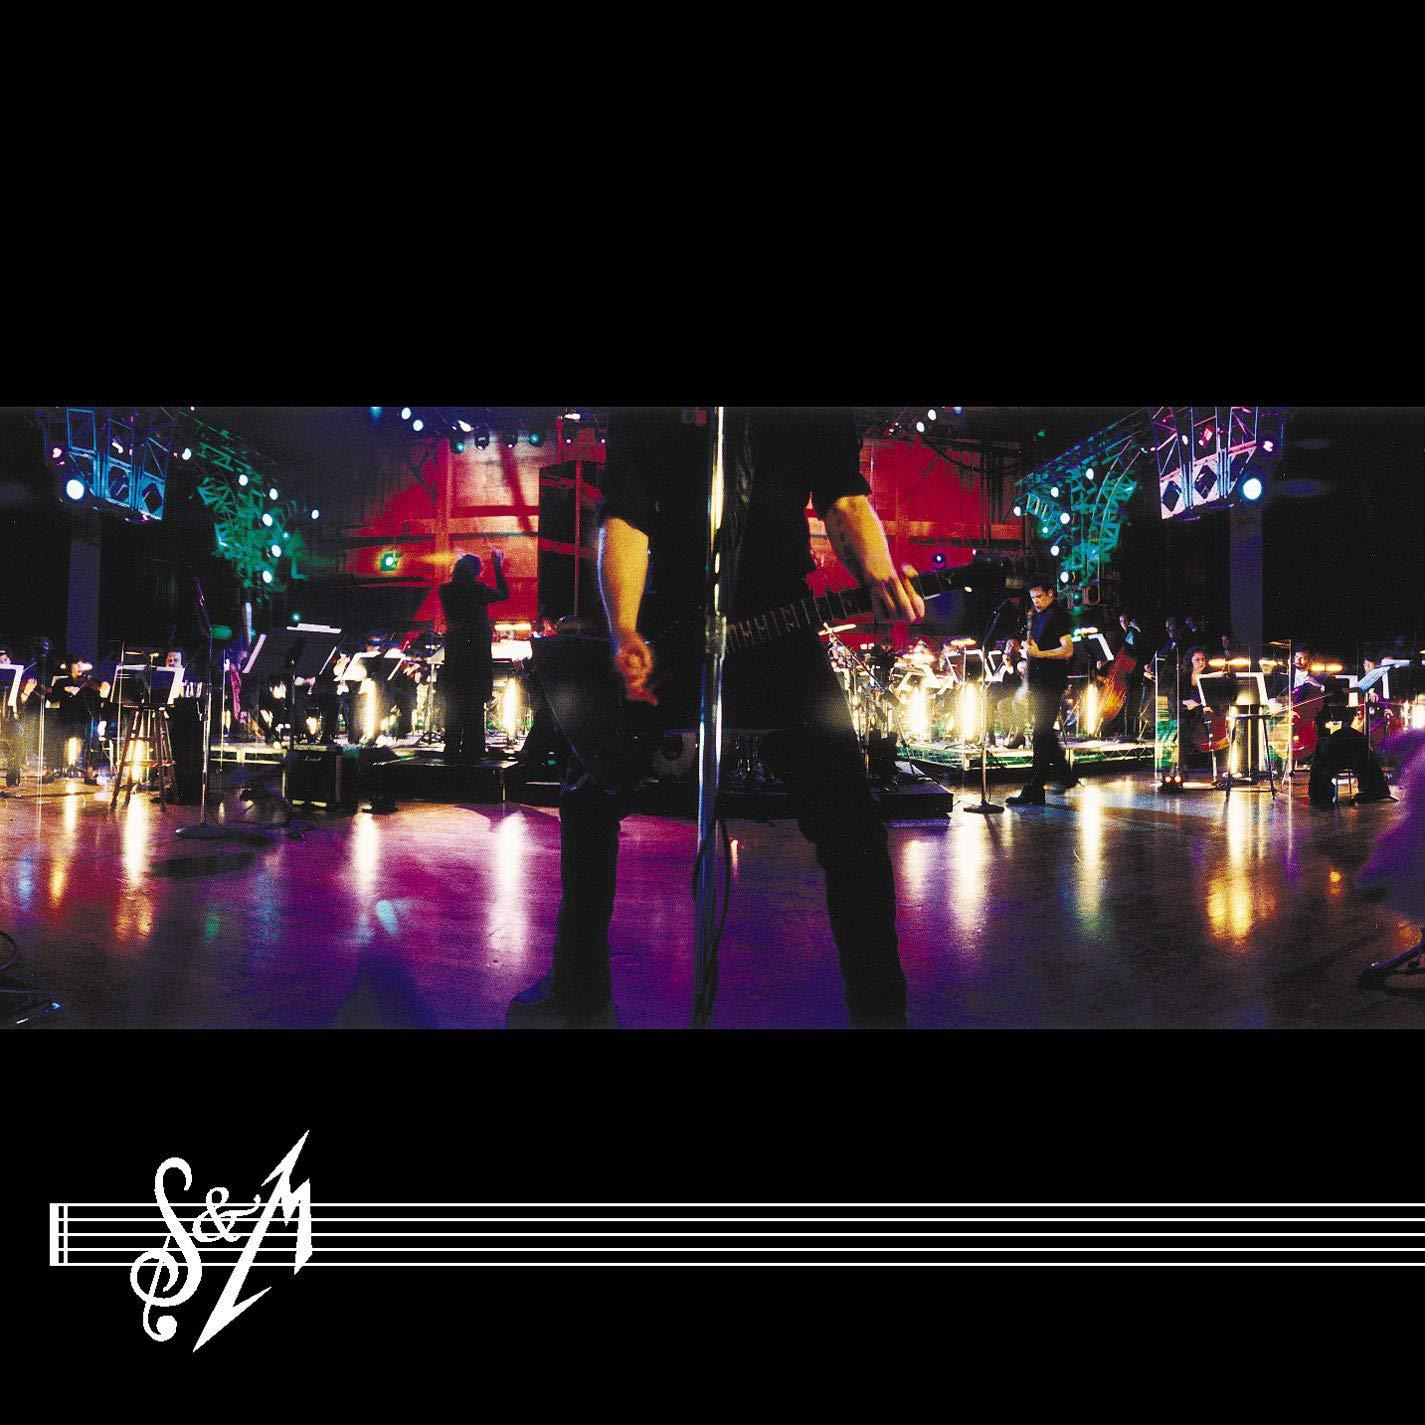 Metallica. Furia, sonido y velocidad - Página 15 71q8QBTVDOL._SL1425_